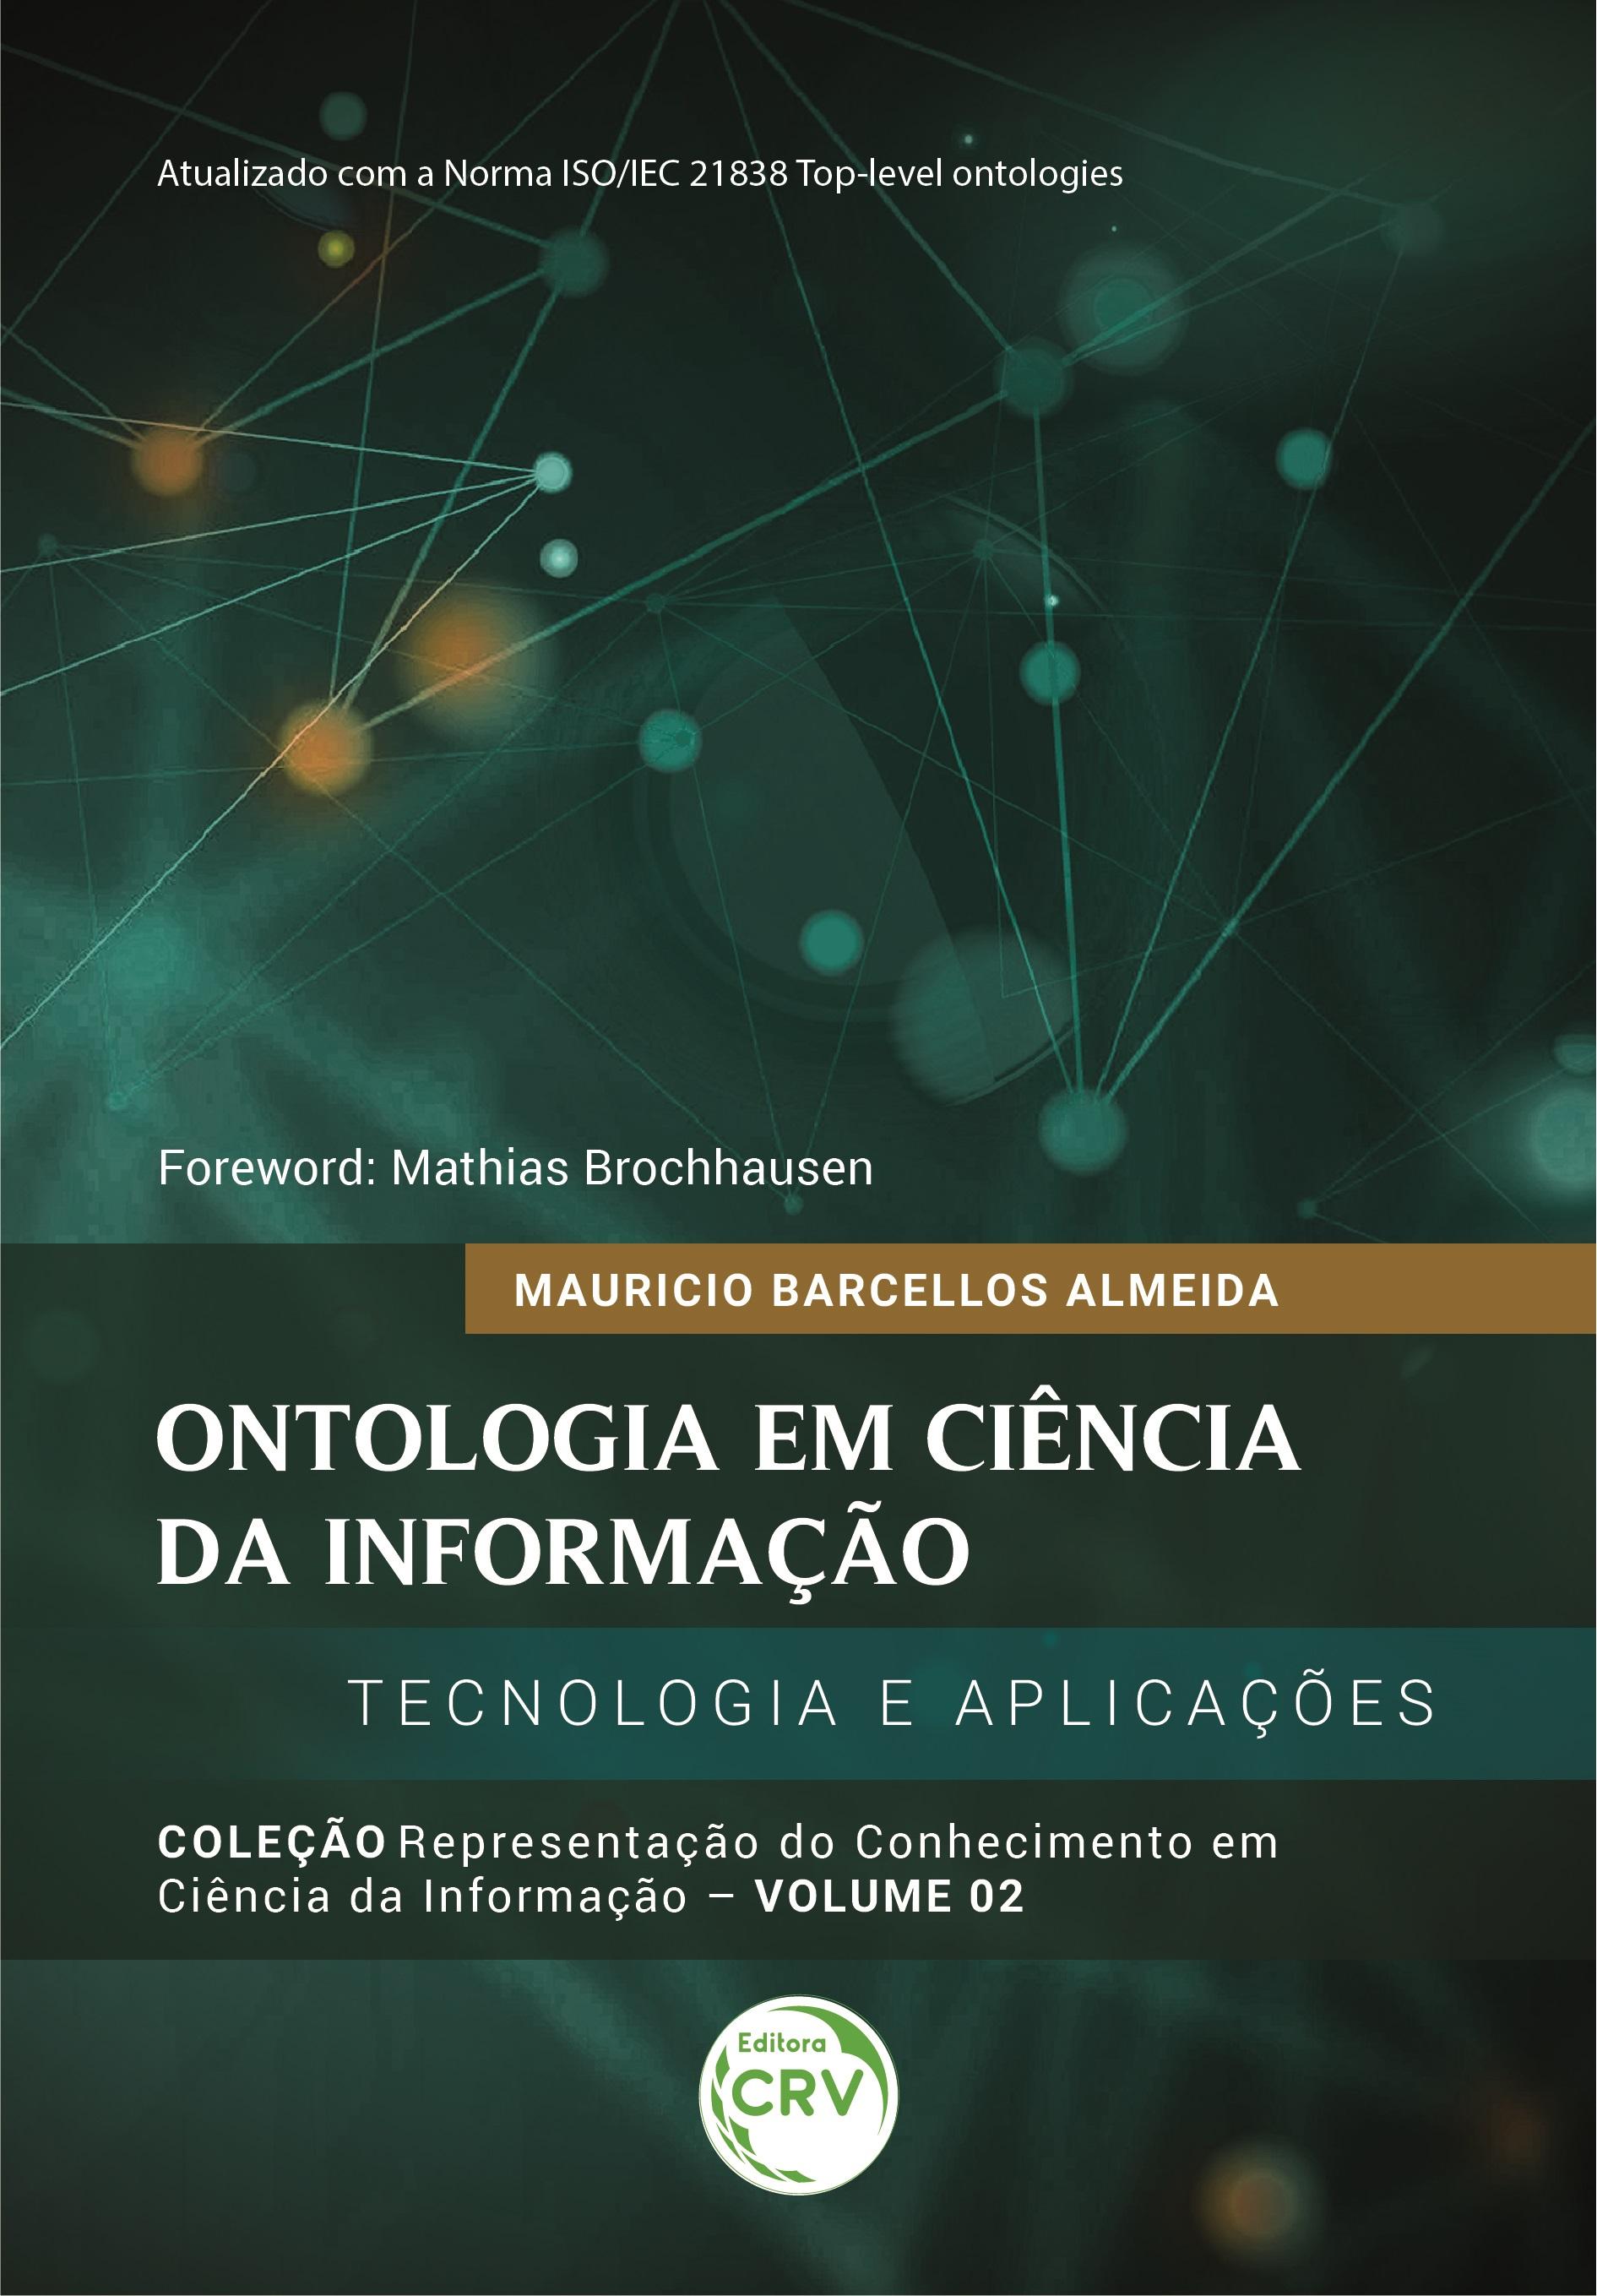 Capa do livro: ONTOLOGIA EM CIÊNCIA DA INFORMAÇÃO: <br>Tecnologia e Aplicações <br>Coleção Representação do conhecimento em Ciência da Informação<br> Volume 2